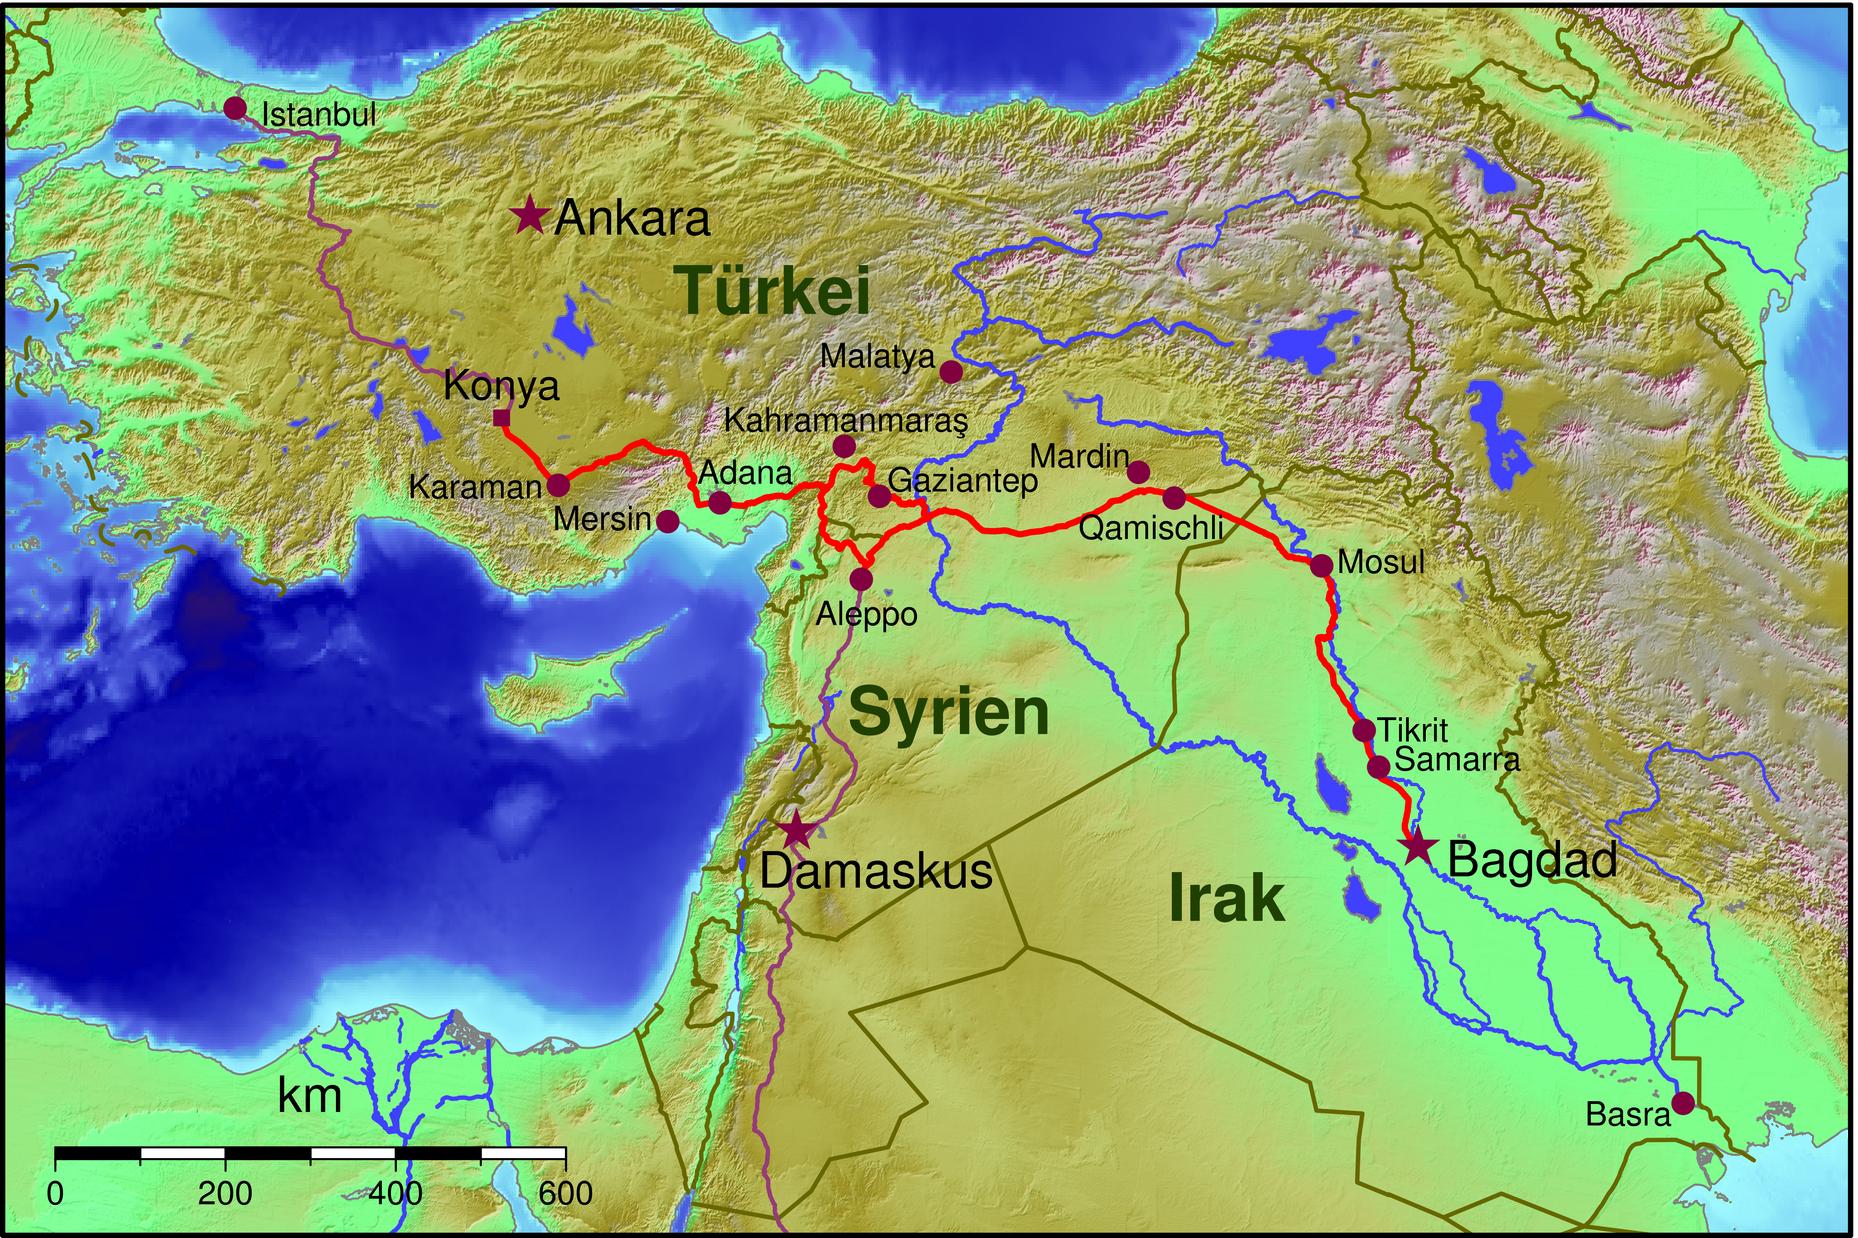 Kartan visar - från tiden före första världskriget - den tyskt normalspåriga järnvägen Berlin - Bagdad på sin sträcka Istanbul - Konja - Aleppo - Mosul - Bagdad. Turkiets nuvarande huvudstad Ankara inkluderades inte eftersom Konja före Kemal Atatürk var mera betydande. Vi ser den fullvärdiga avstickaren till Aleppo. Som ett kuriosum, vilket demonstrerar stormakternas intressen i området, kan nämnas att engelsmännen samtidigt anlade en järnväg från Basra vid Persiska viken och upp till Bagdad - av strategiska motsatsskäl smalspårig. https://de.wikipedia.org/wiki/Bagdadbahn 2016-10-02